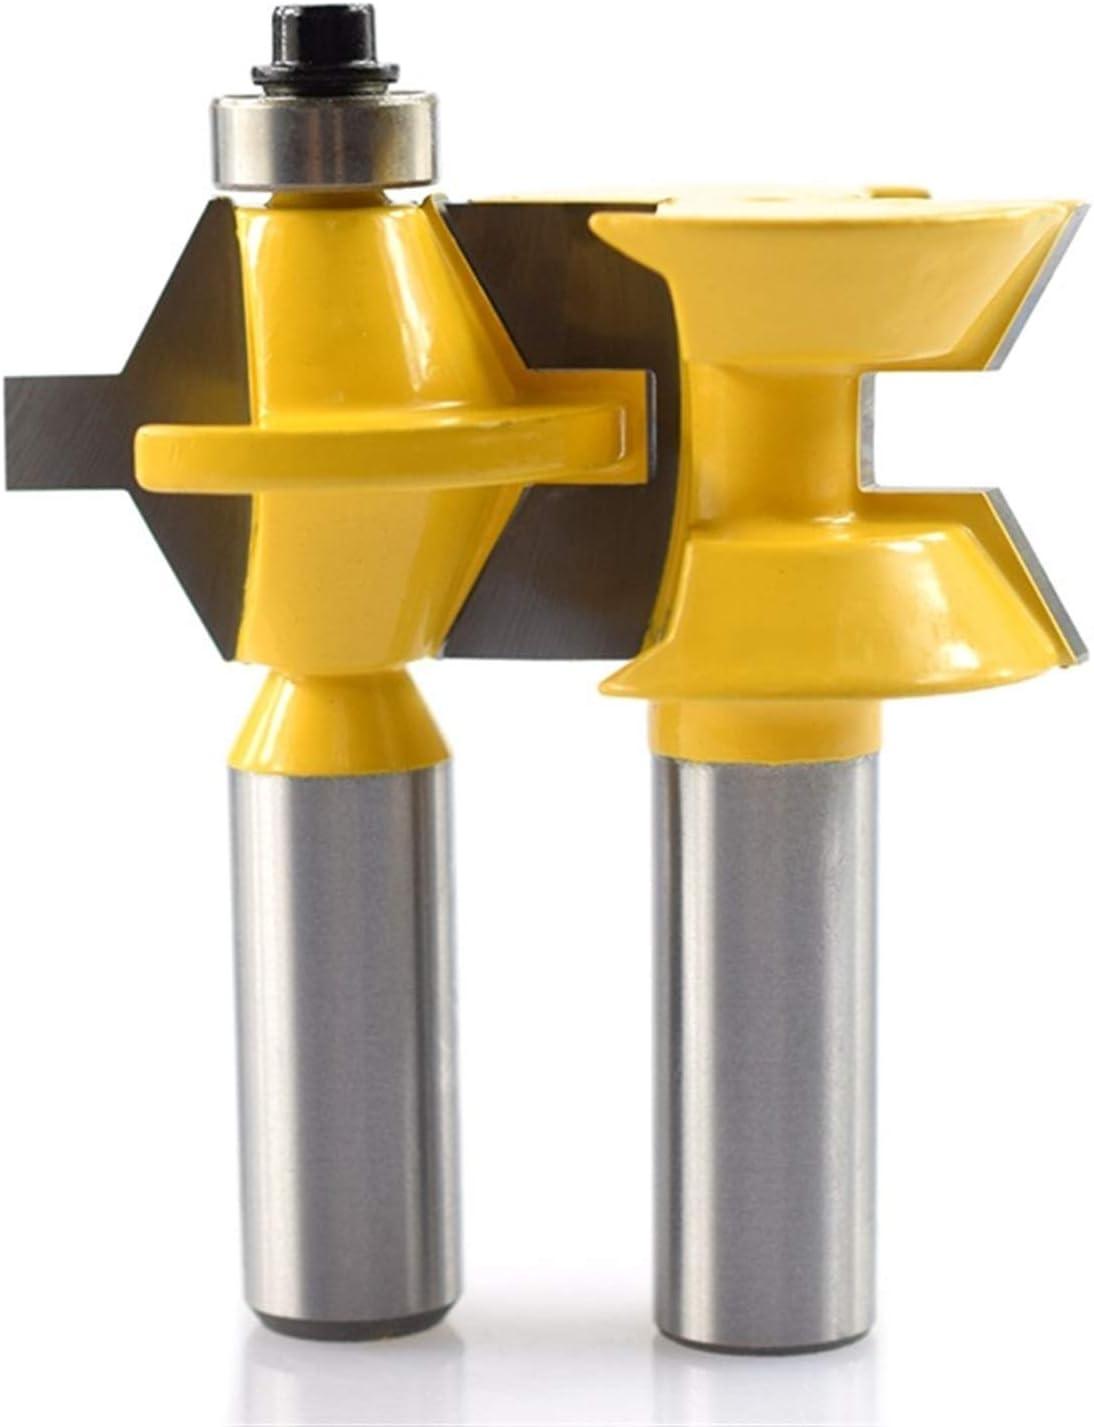 2pcs 12.7mm Bloqueo de vástago Mitre dedo enrutador de condo dedo Conjunto de bits de 120 grados enrutadores de madera Bits de madera contrachapada MDF Herramientas de carpintería